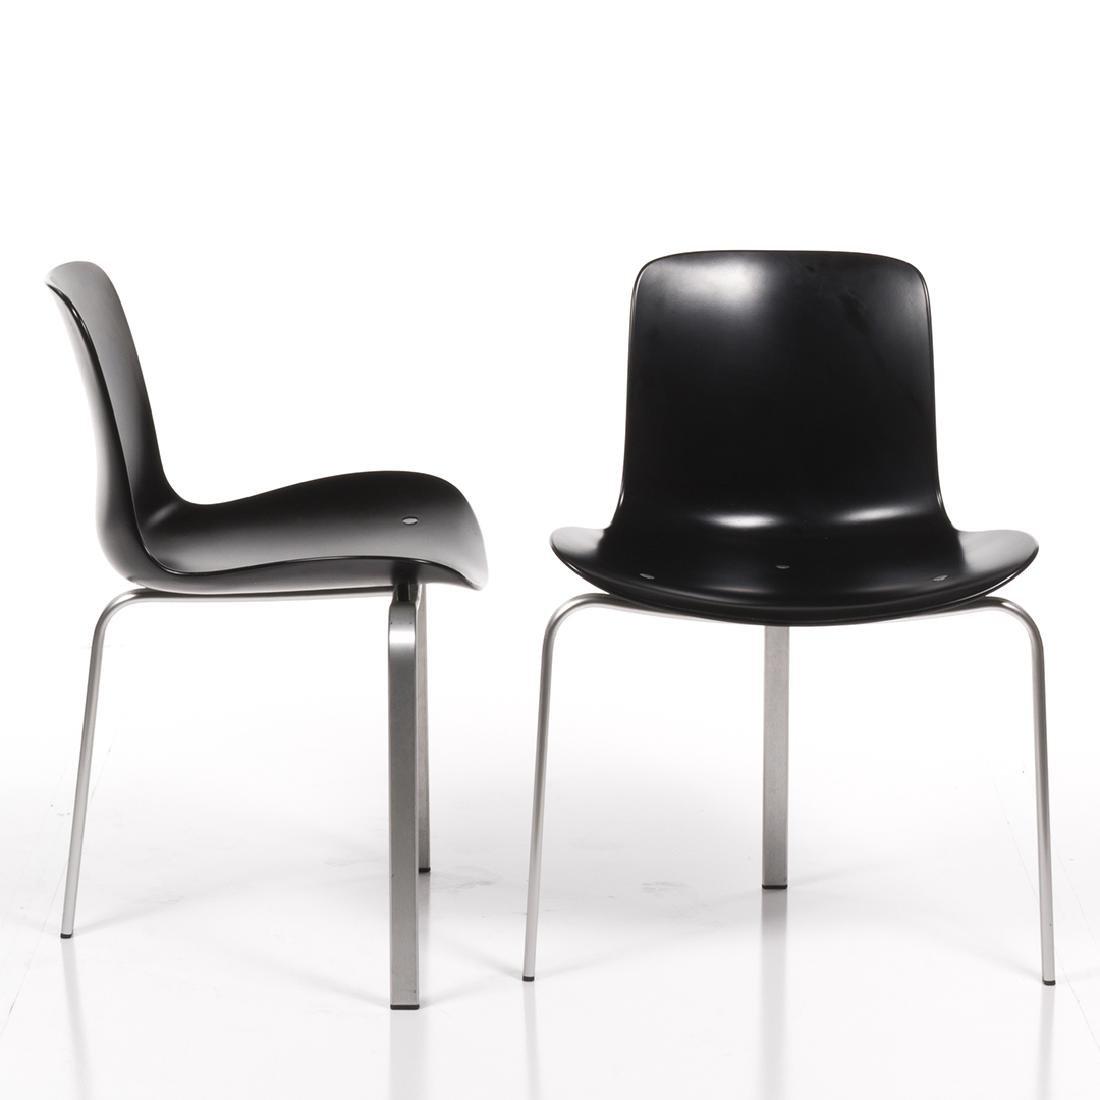 Poul Kjaerholm PK-8 Chairs (2) - 2